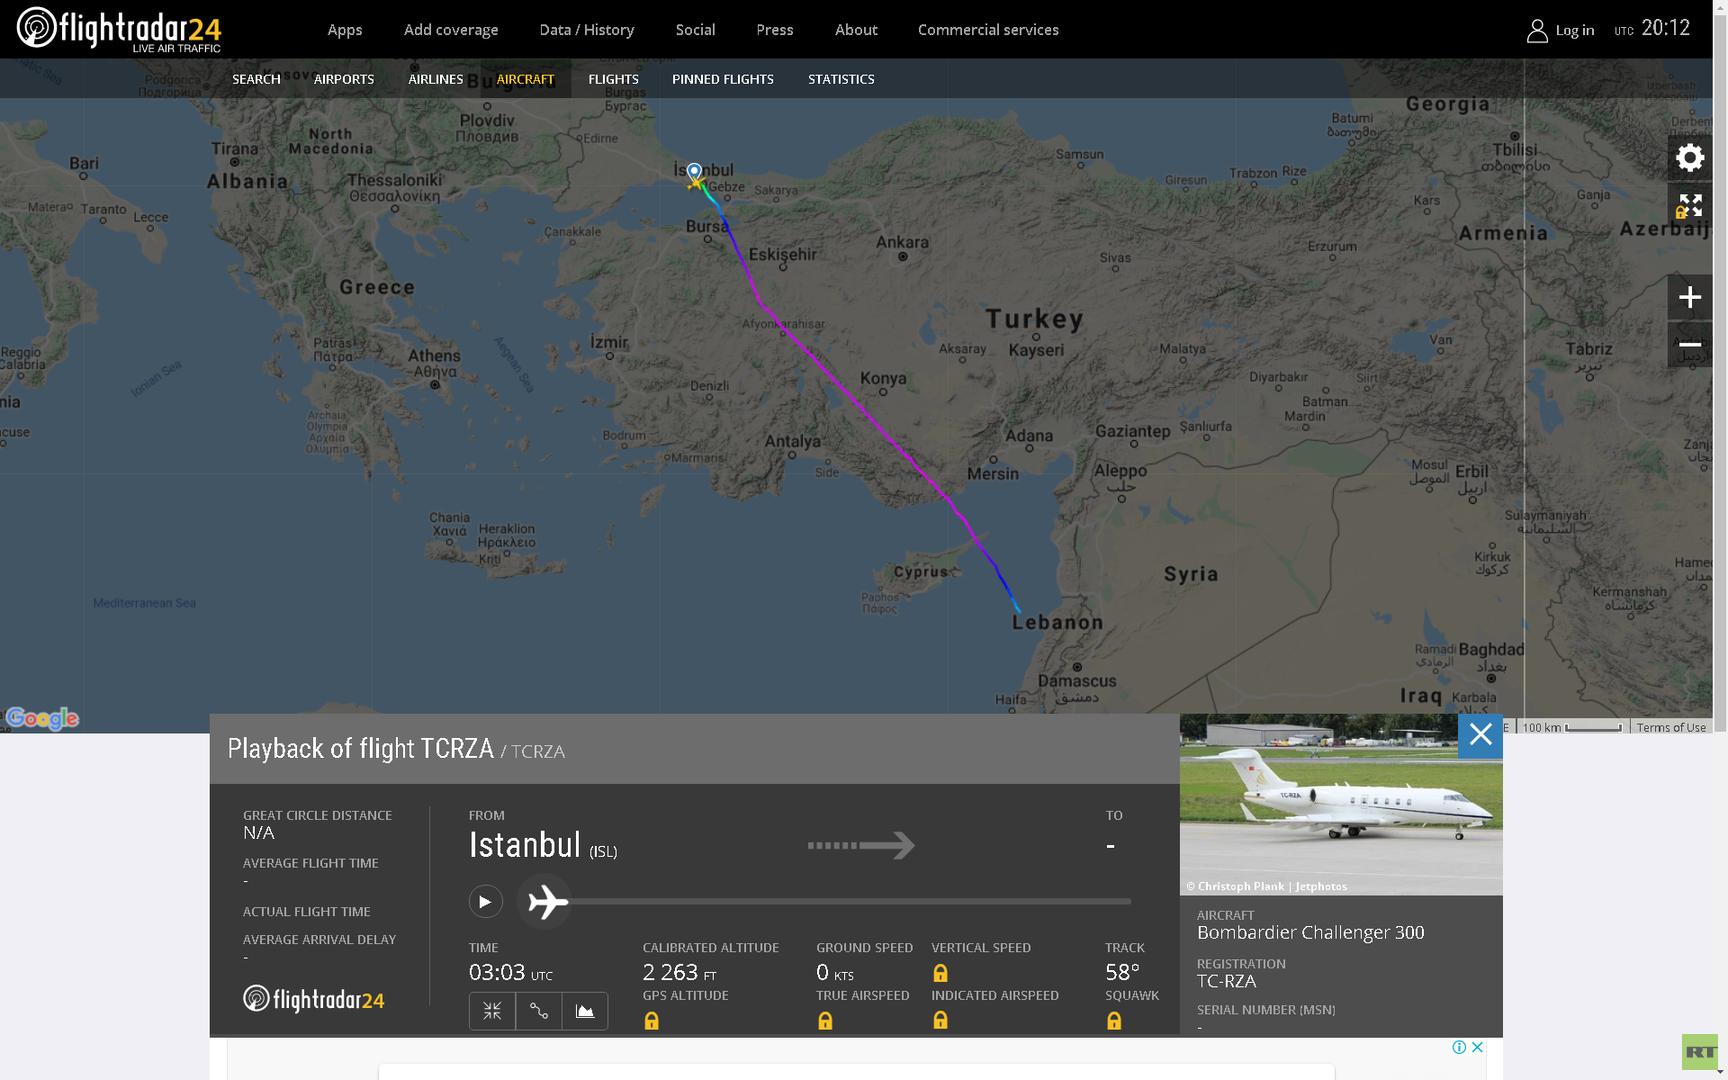 صحيفة تركية تكشف تفاصيل هروب كارلوس غصن عبر مطار أتاتورك إلى لبنان (صور + فيديو)